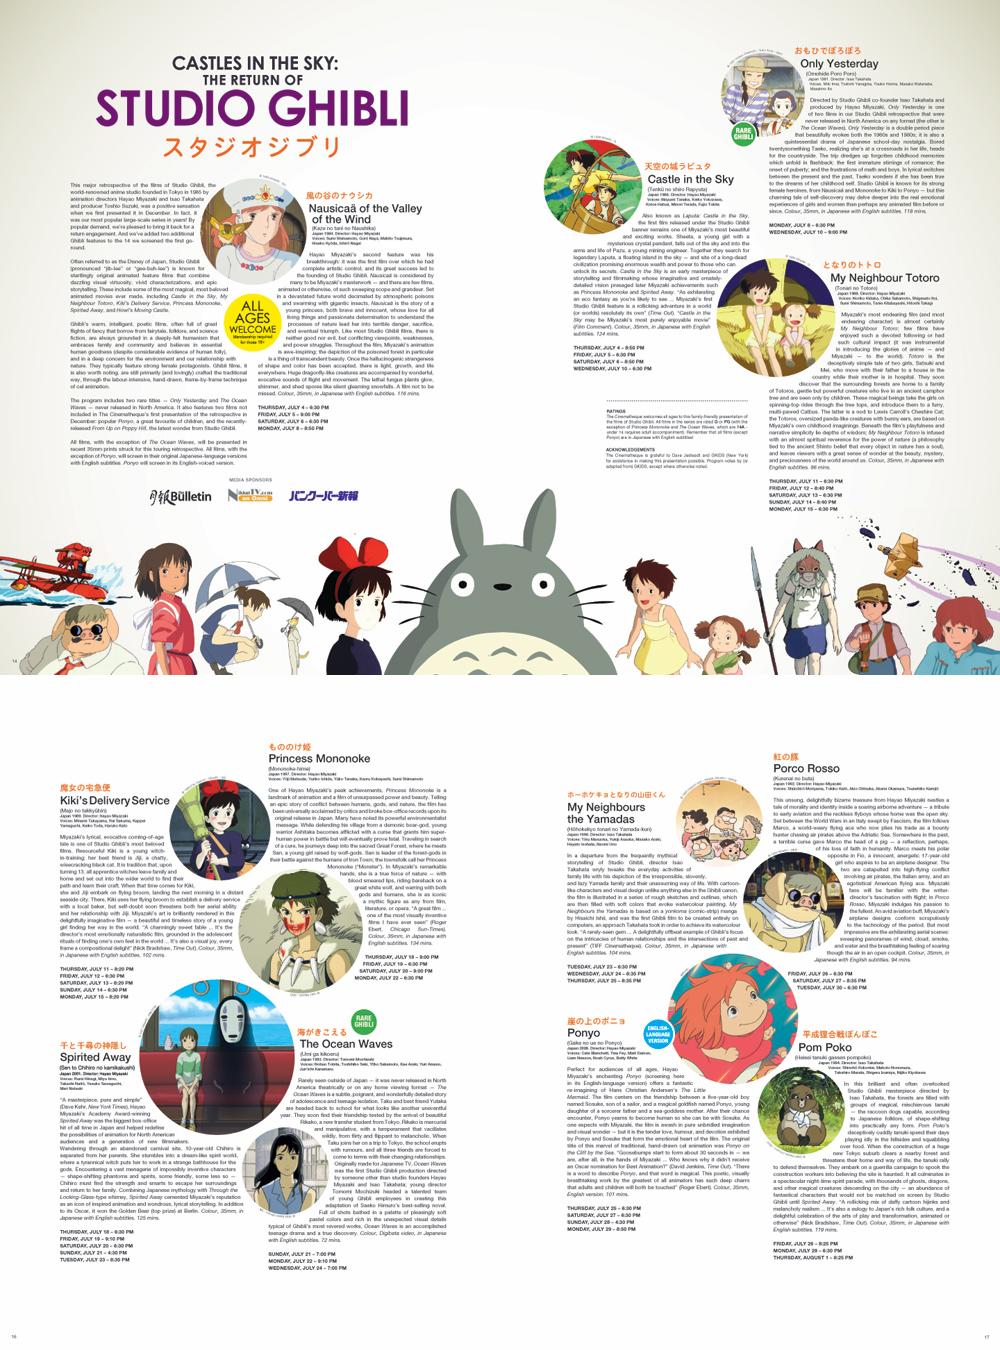 StudioGhibli-TheCinematheque